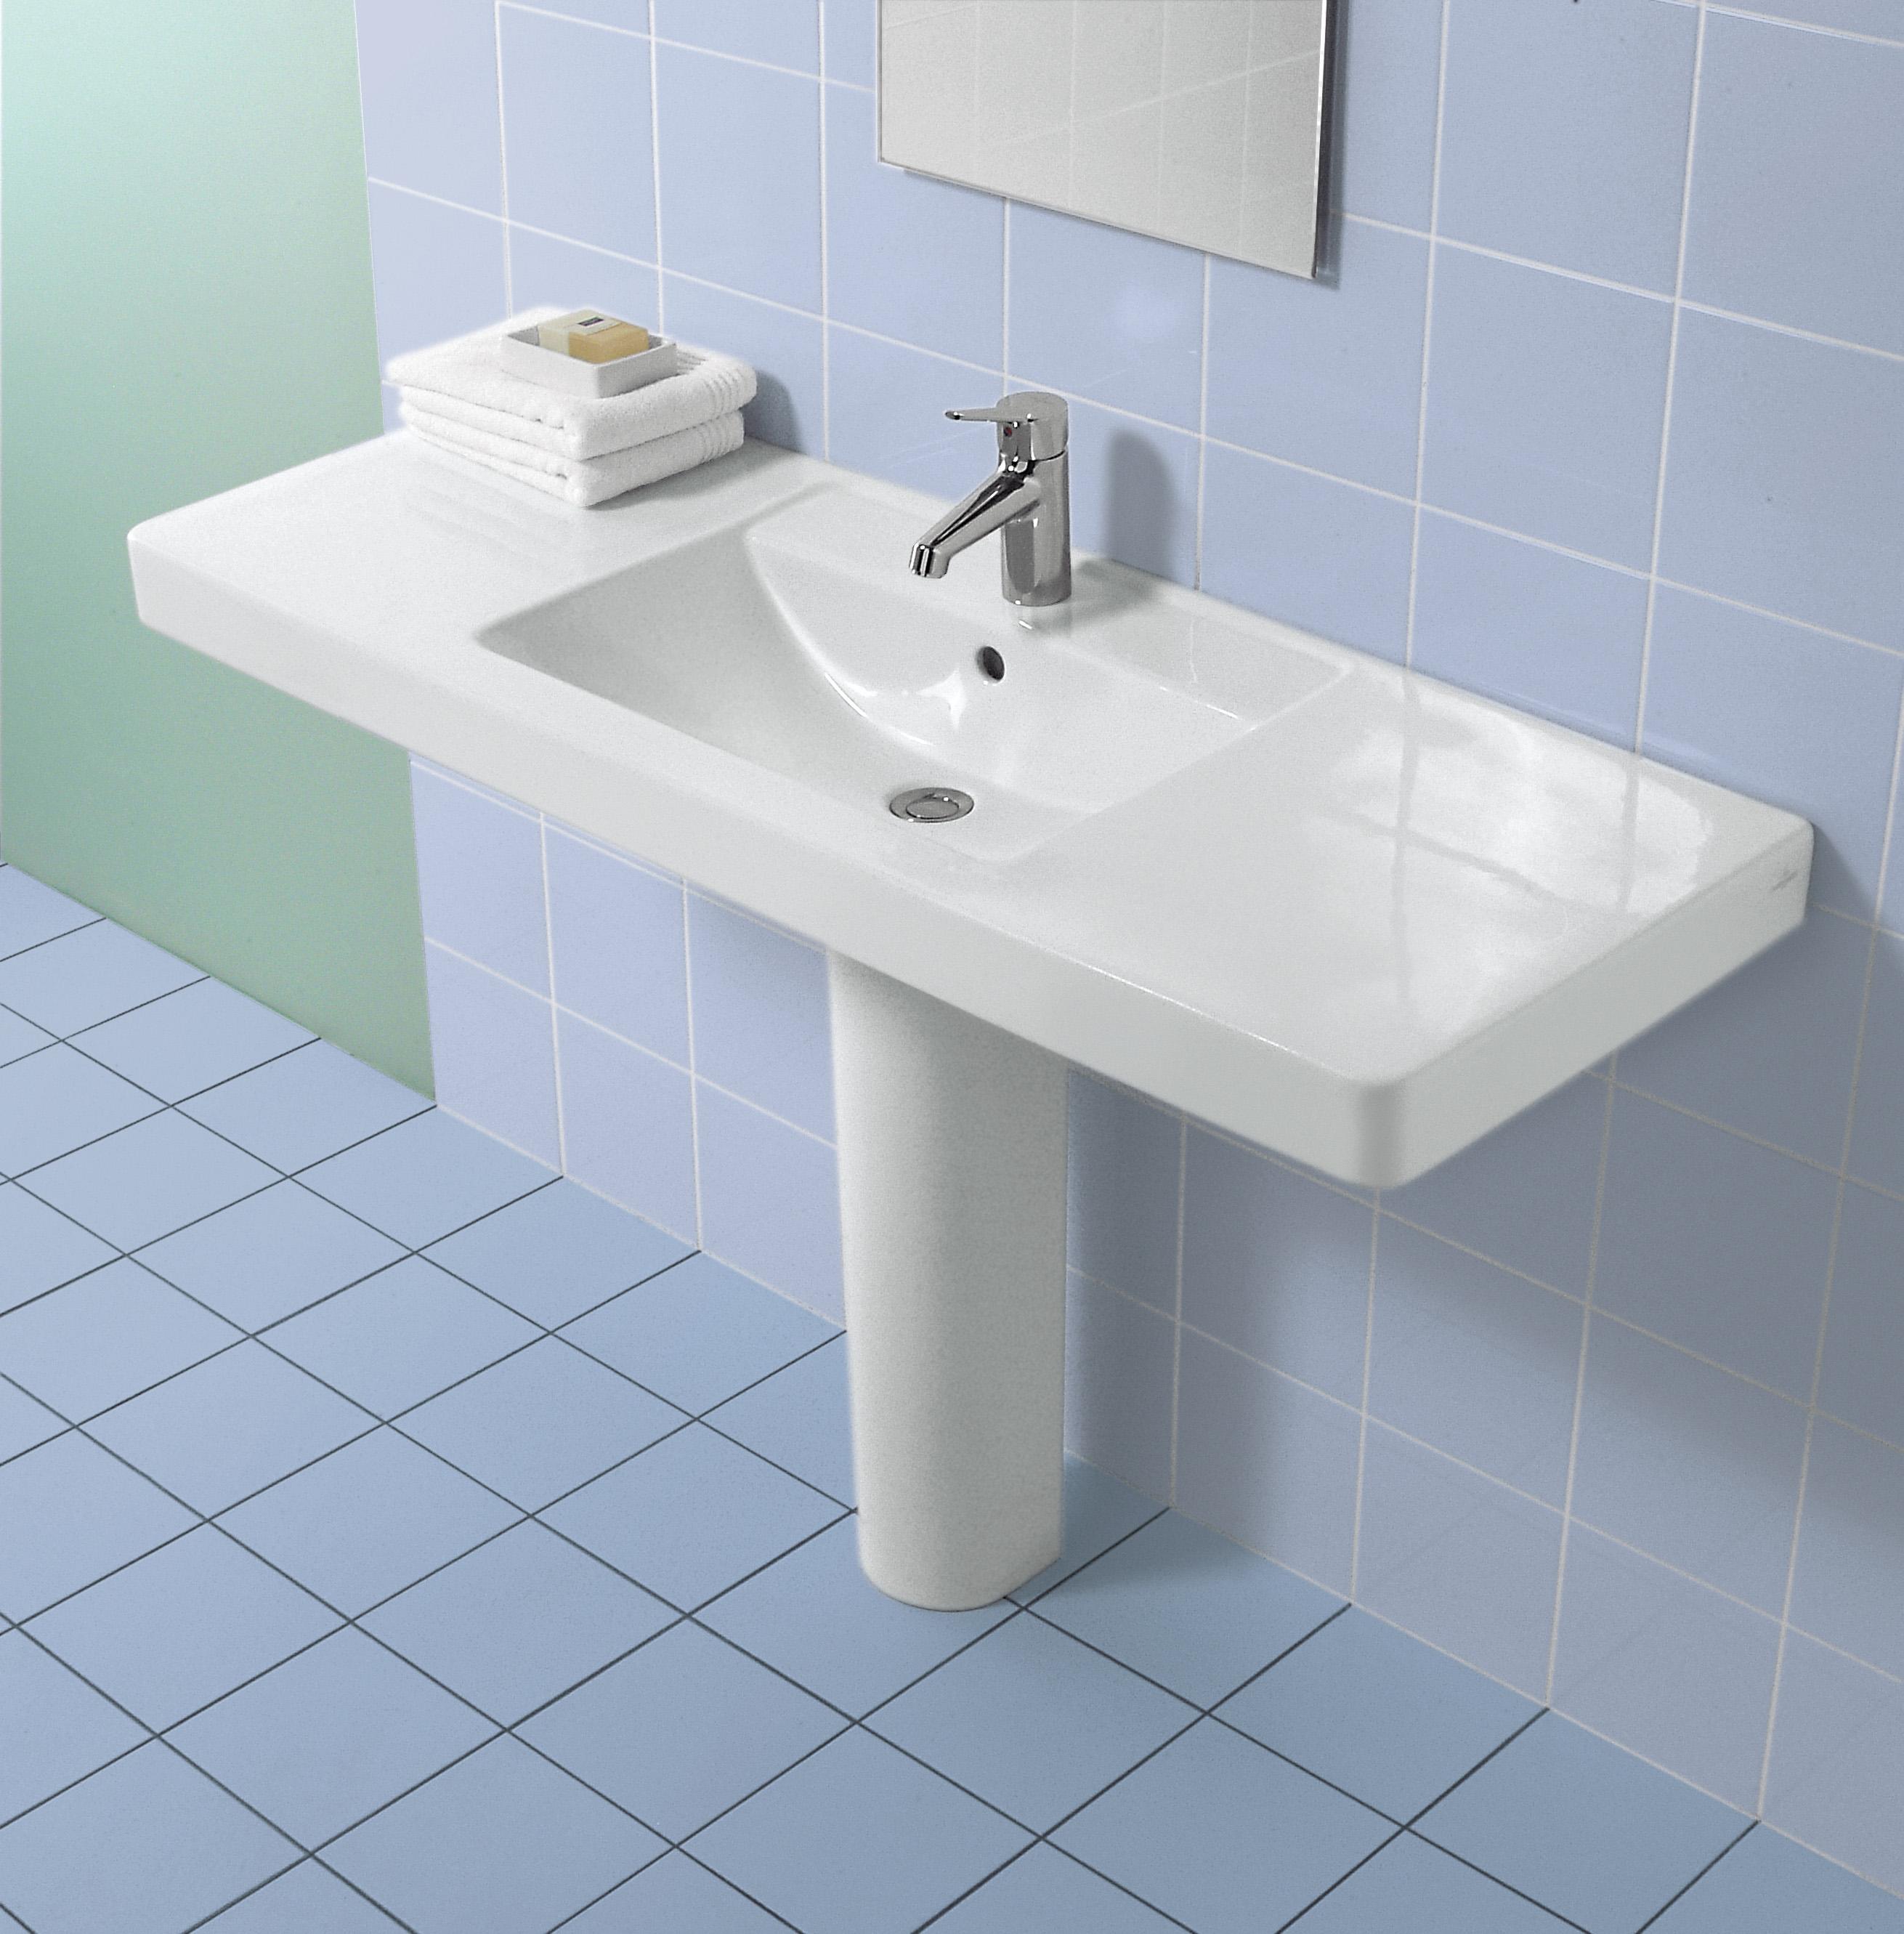 Architectura Waschtisch, Schrankwaschtisch, Waschtische / Waschbecken, Schrankwaschtische